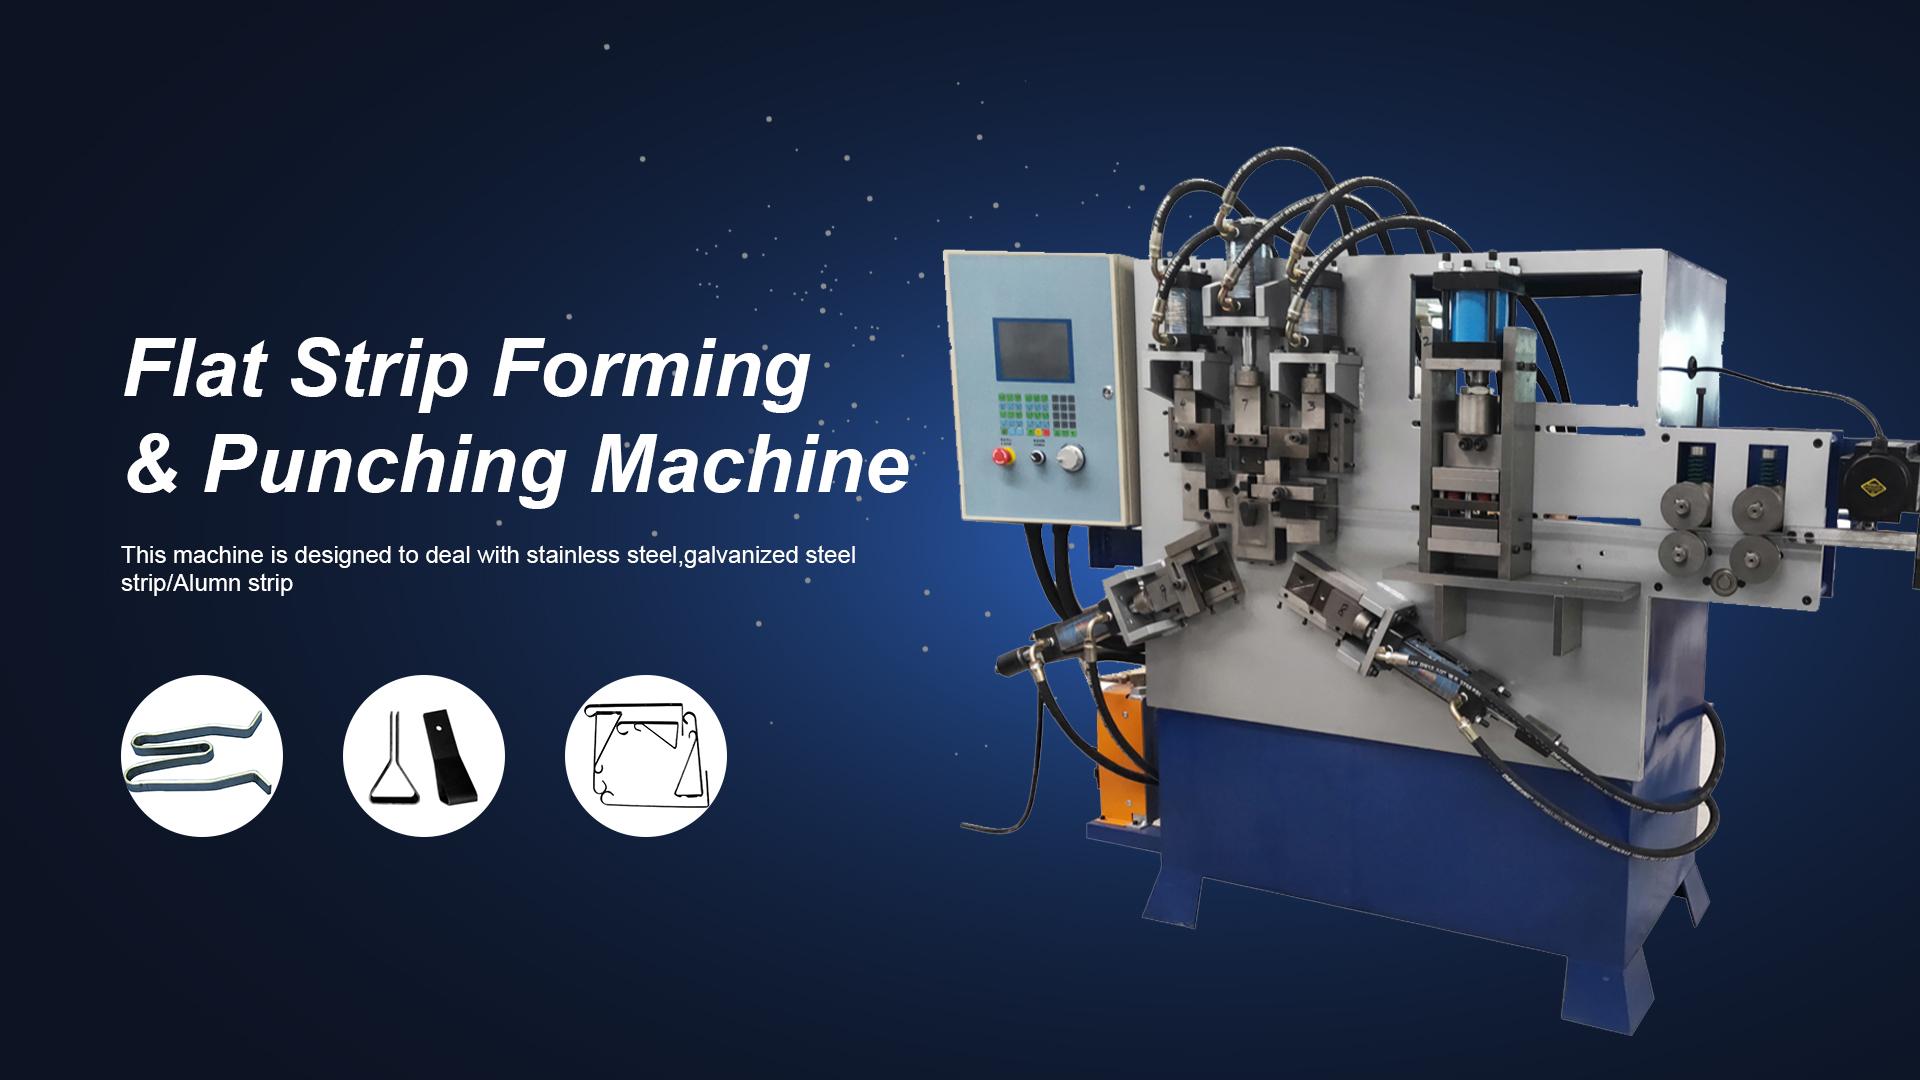 Flat Strip Forming & Punching Machine